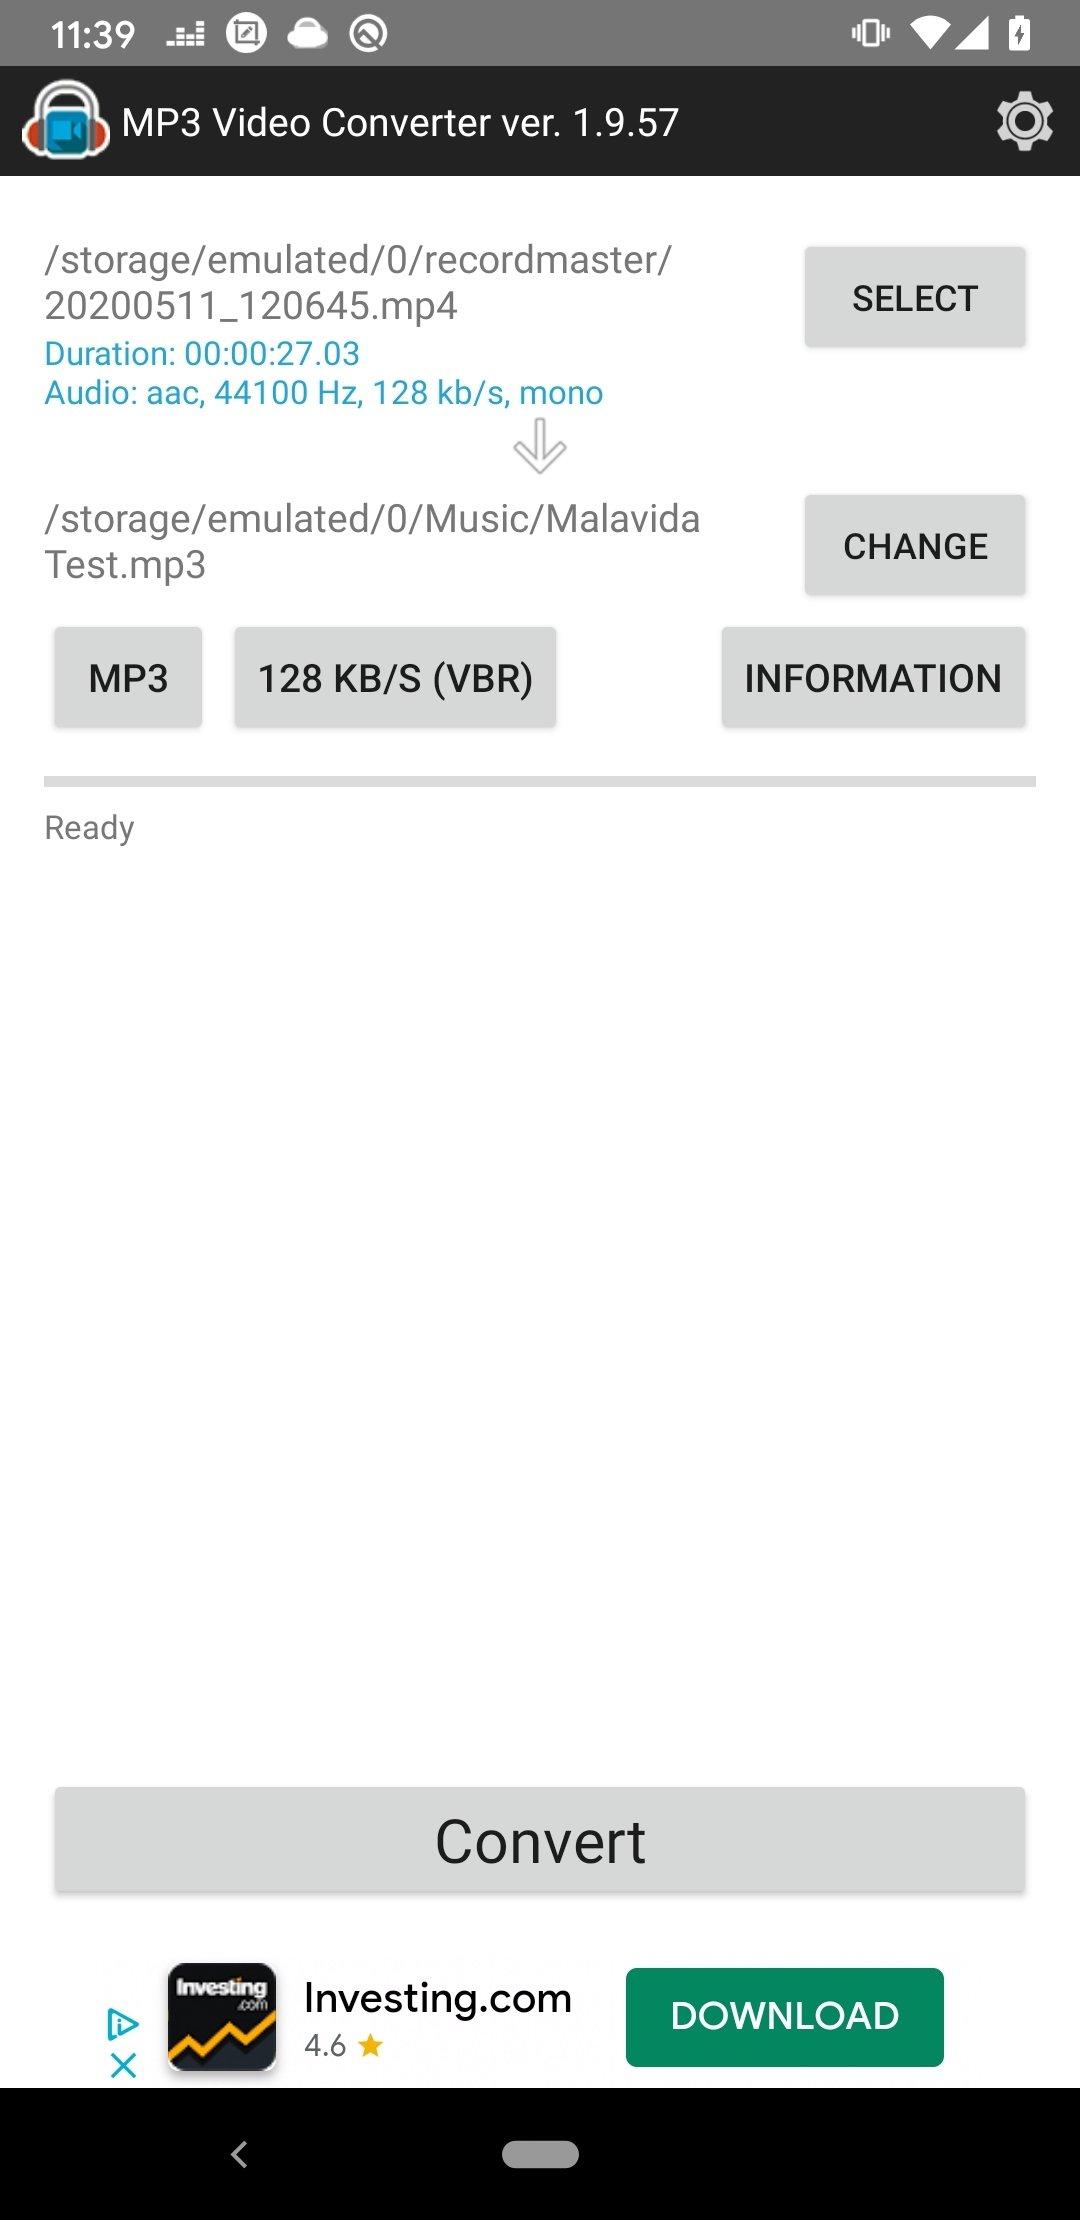 descargar apk mp3 video converter